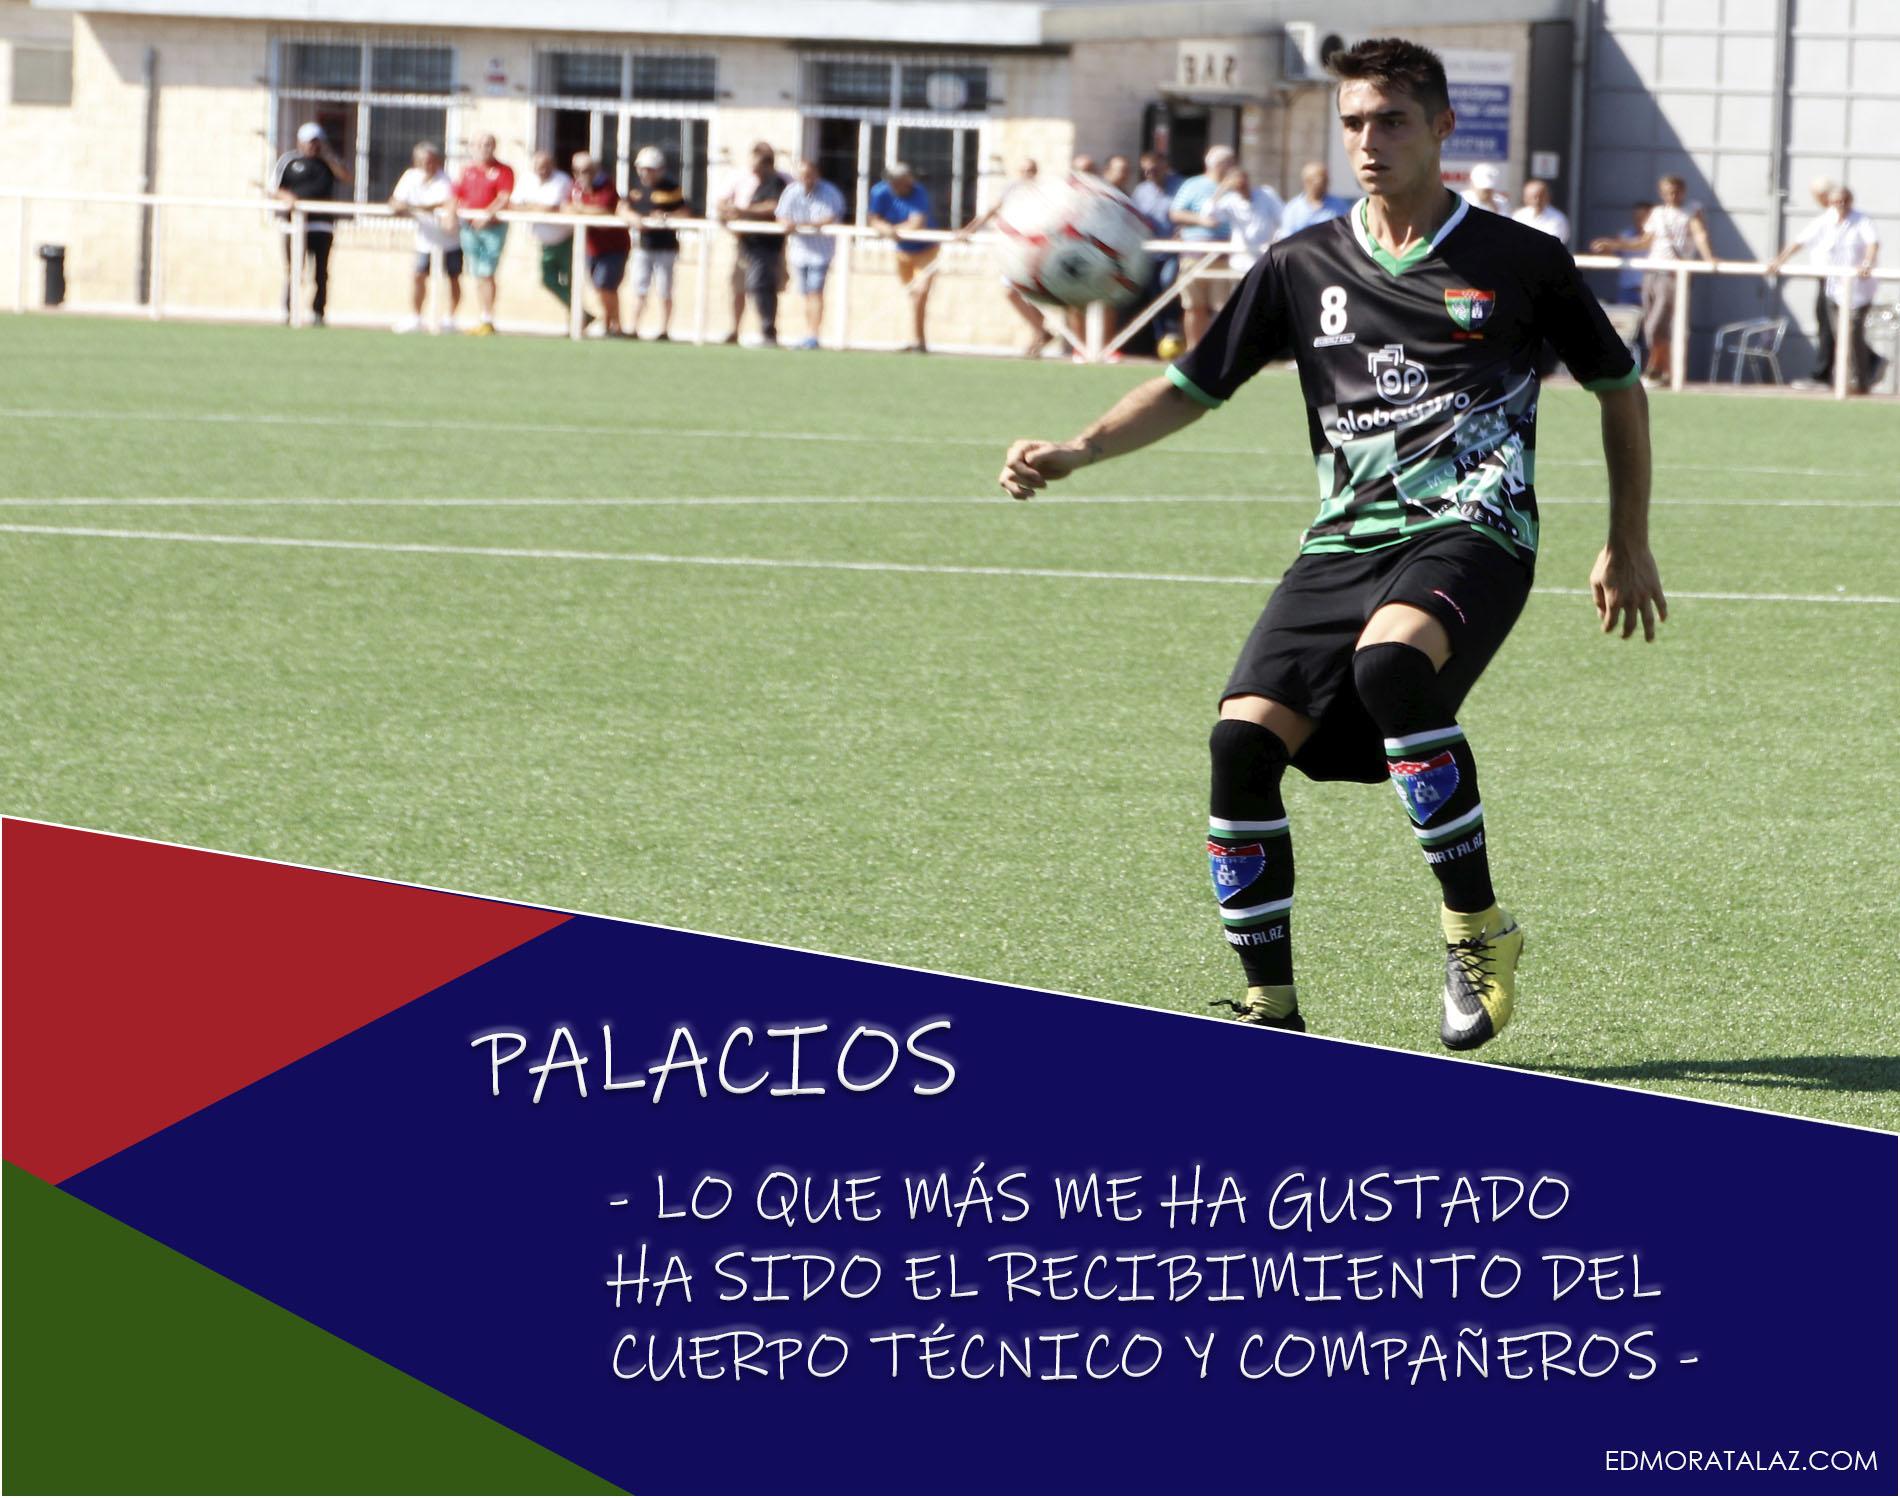 """Palacios: """"Lo que más me ha gustado ha sido el recibimiento del cuerpo técnico y compañeros"""""""